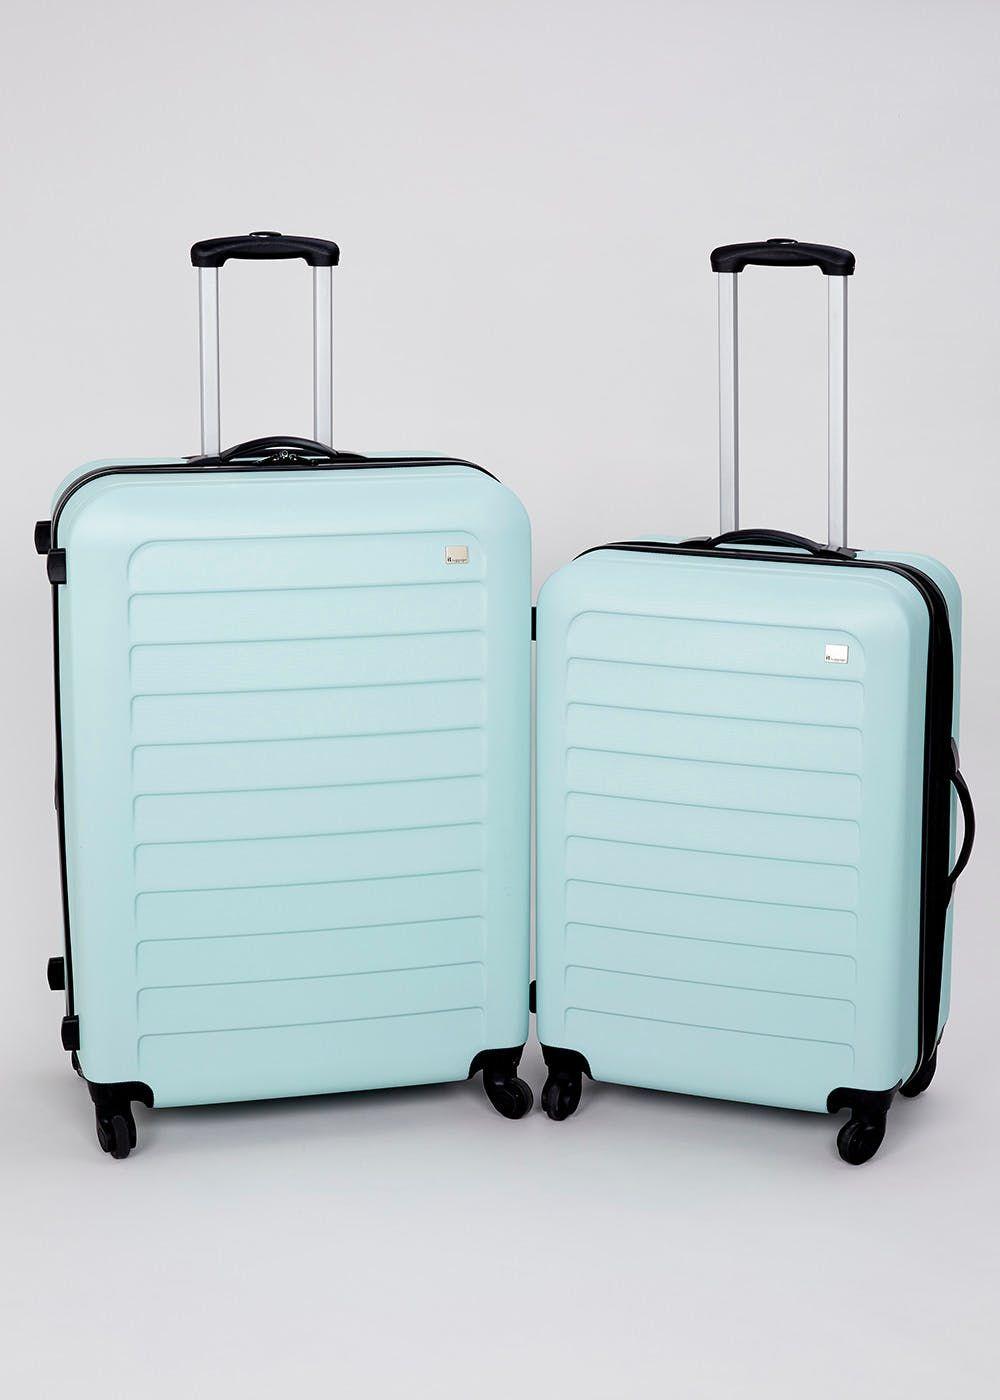 IT Luggage Venezia Hardshell 4 Wheel Suitcase – Matalan